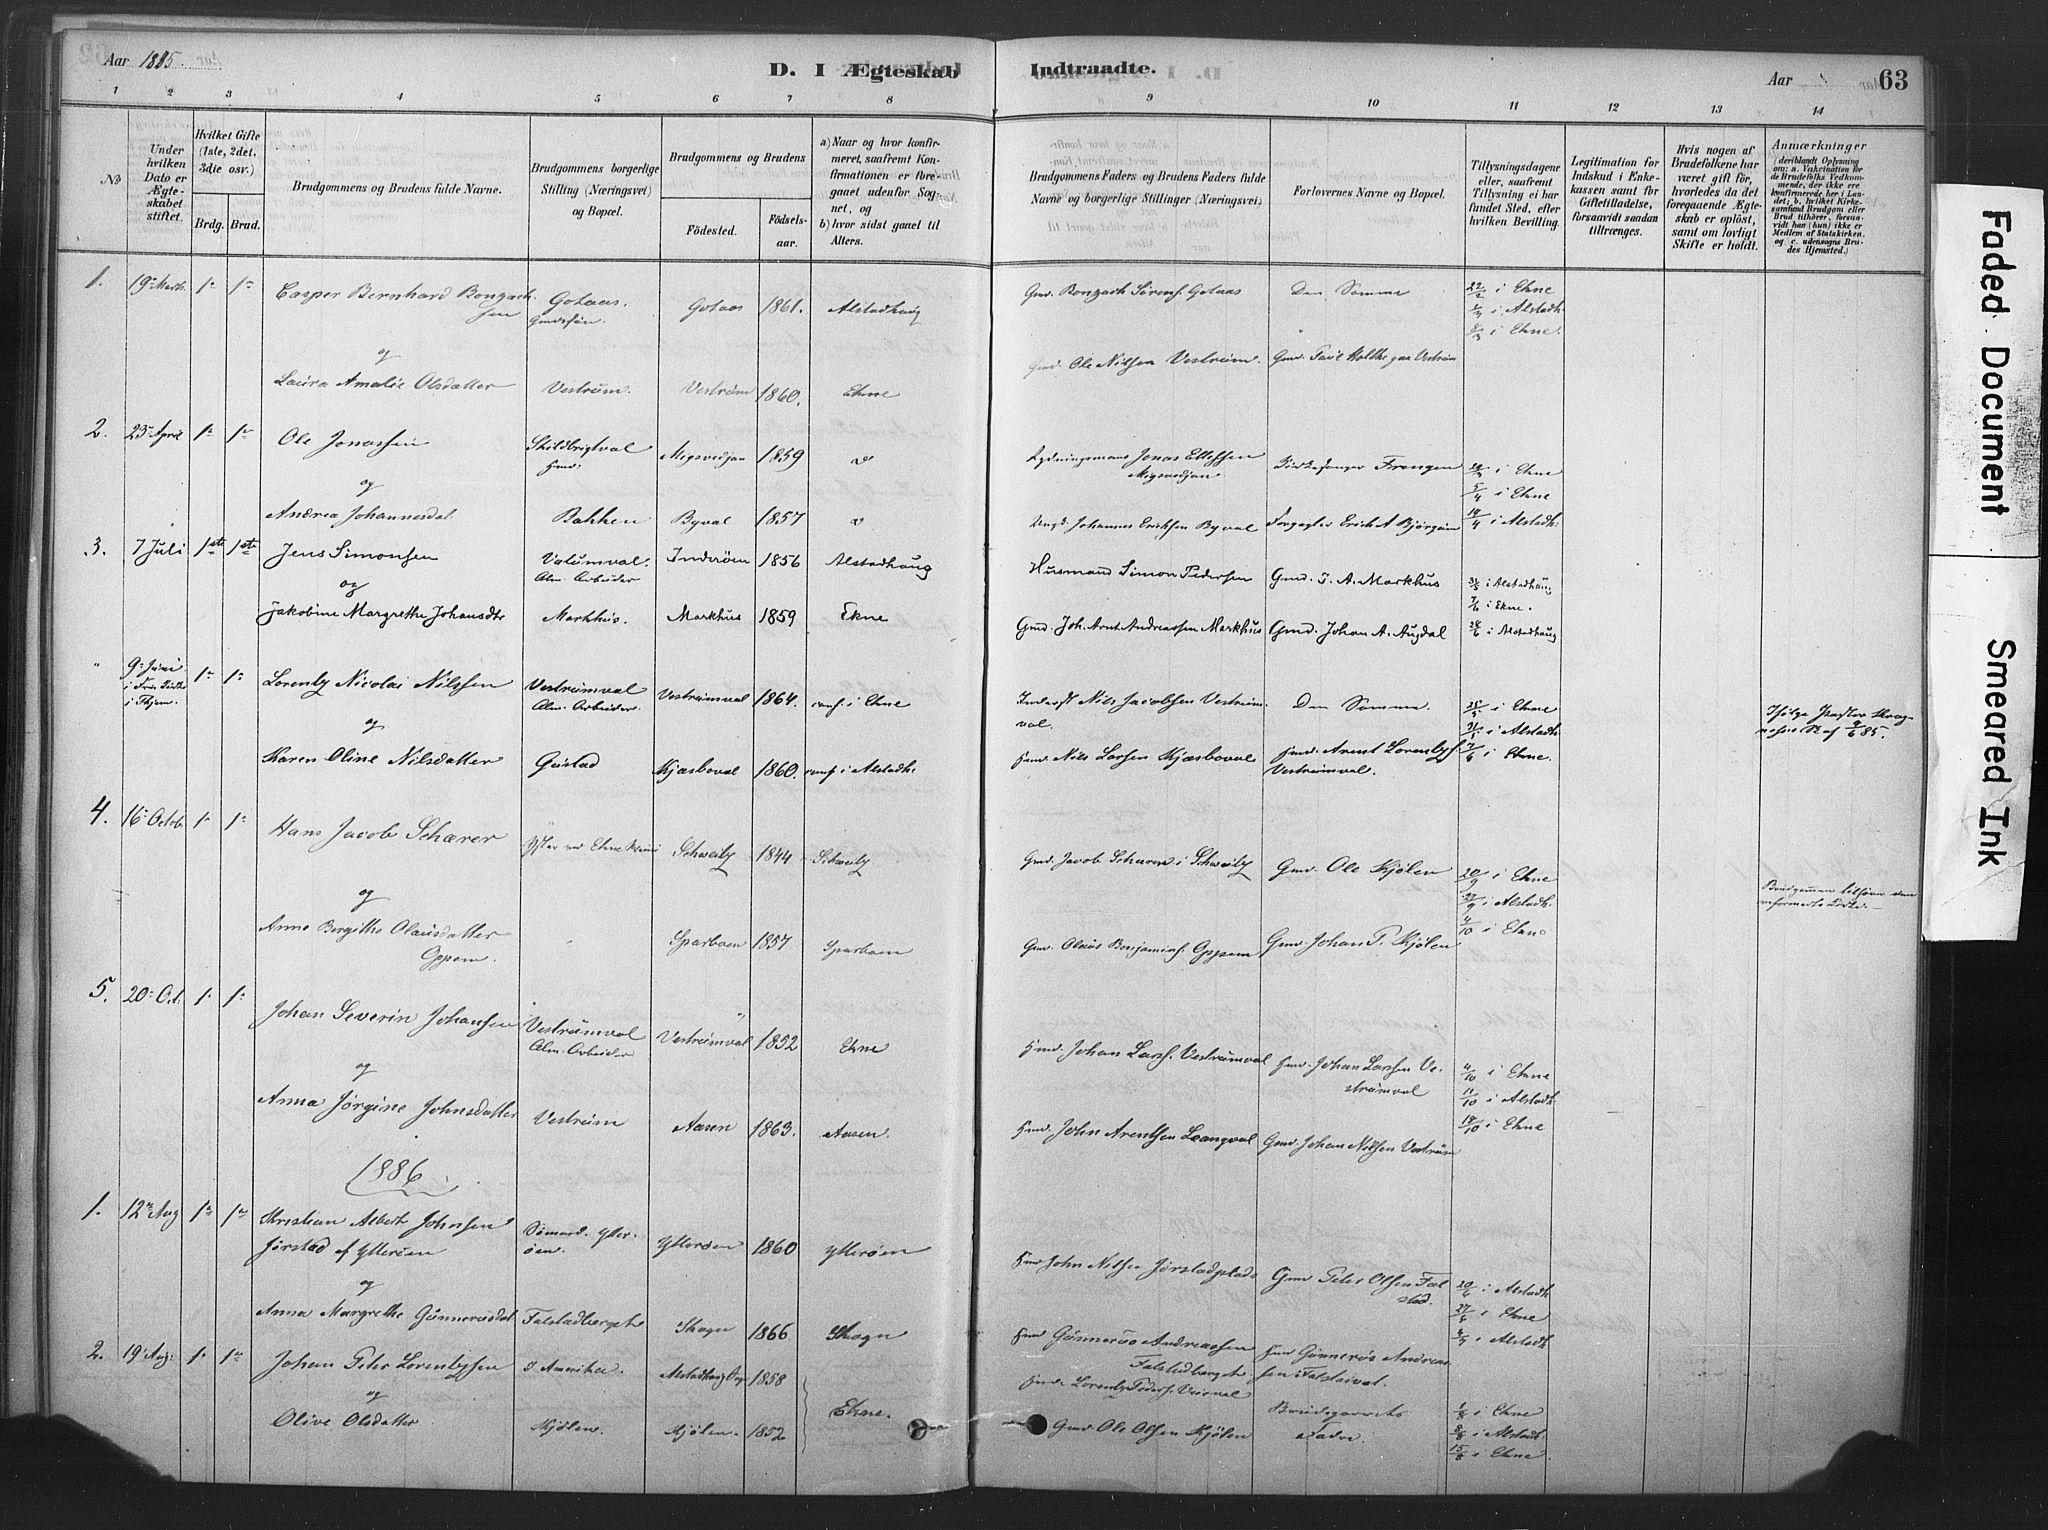 SAT, Ministerialprotokoller, klokkerbøker og fødselsregistre - Nord-Trøndelag, 719/L0178: Ministerialbok nr. 719A01, 1878-1900, s. 63